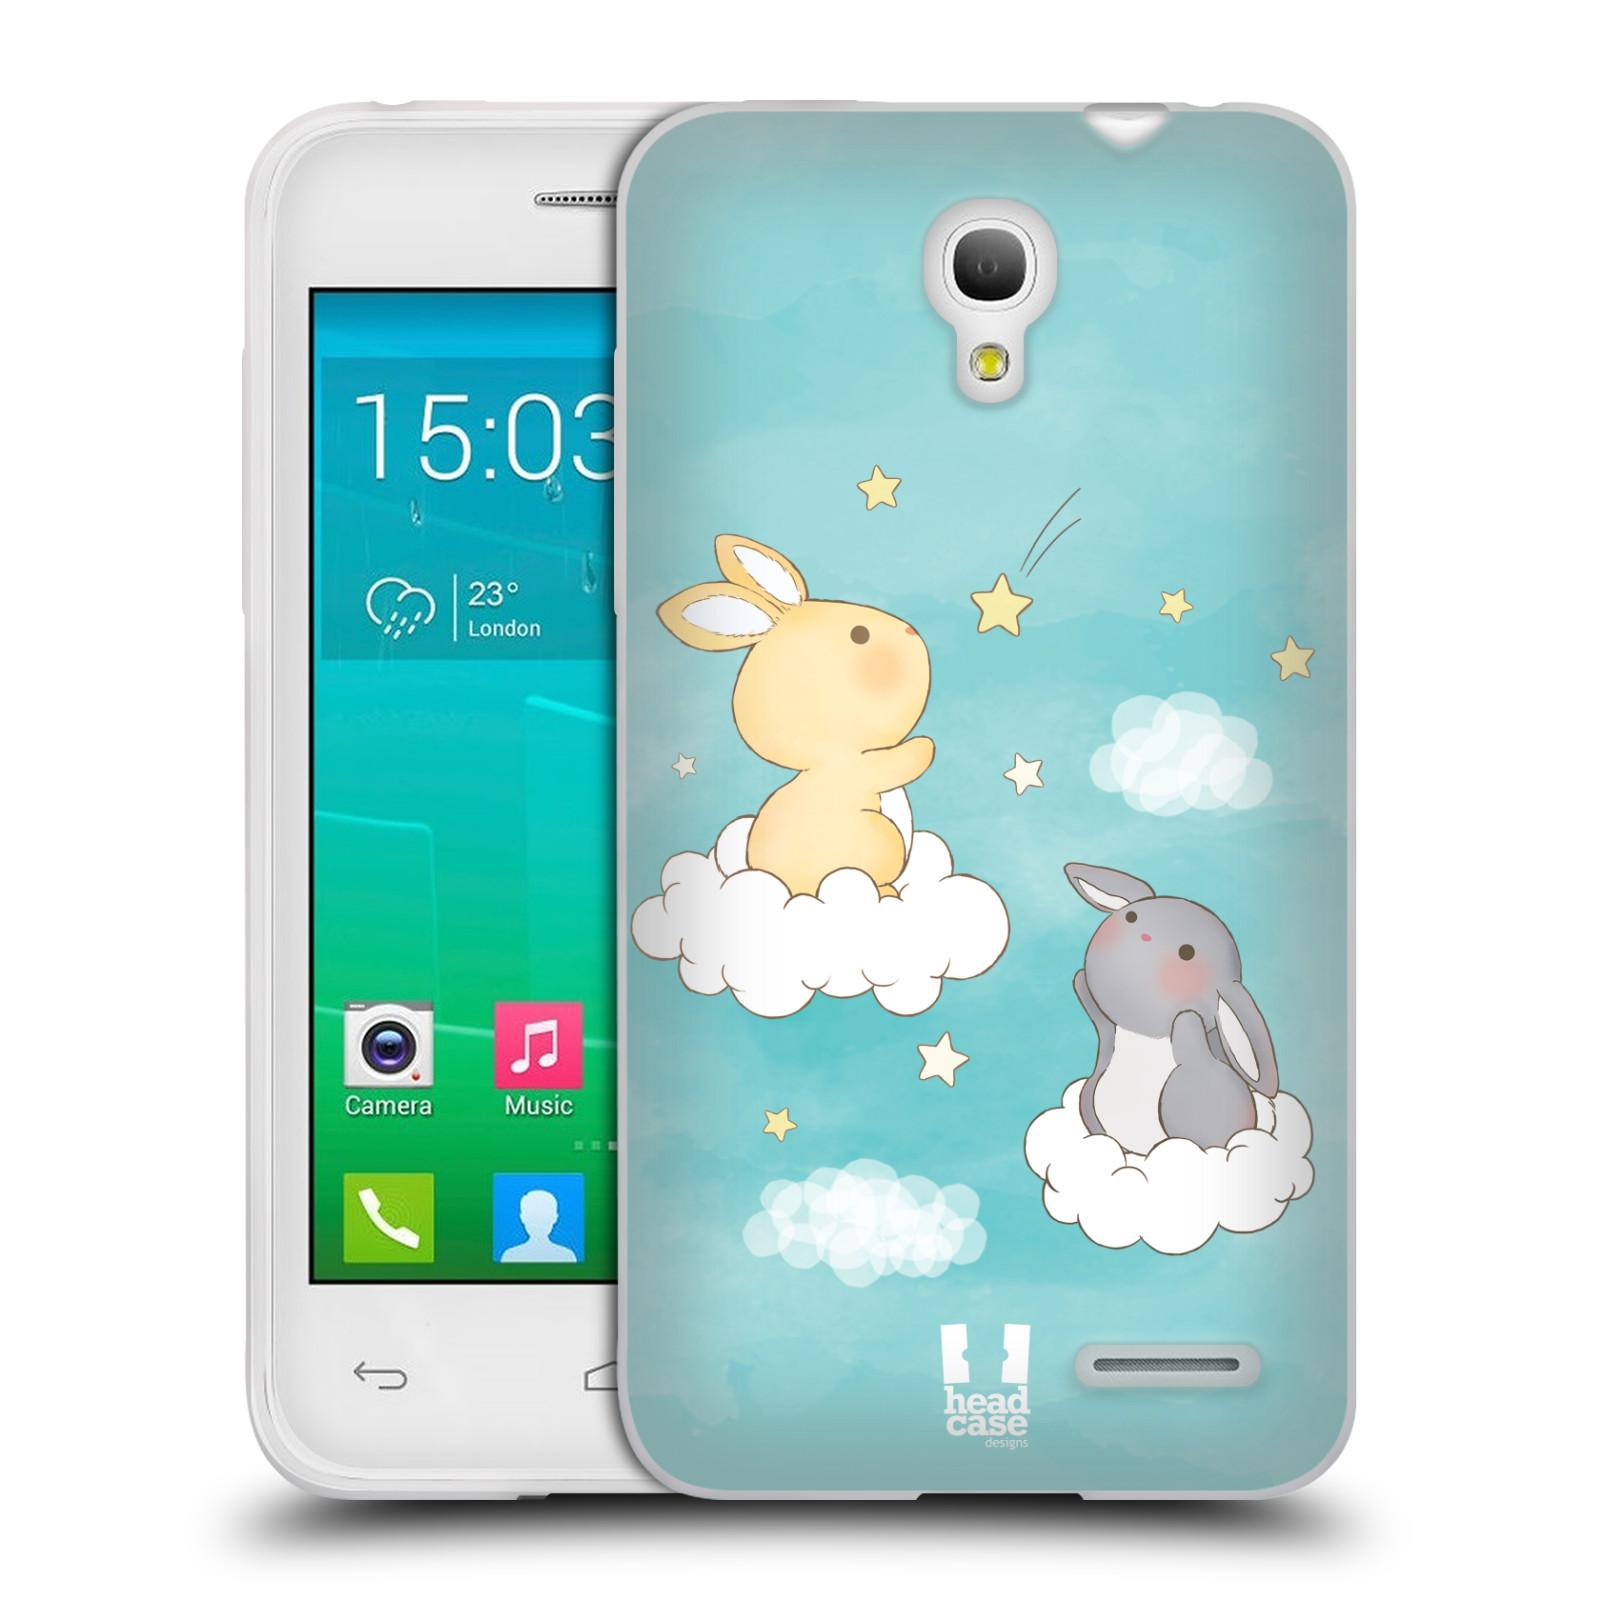 HEAD CASE silikonový obal na mobil Alcatel POP S3 OT-5050Y vzor králíček a hvězdy modrá